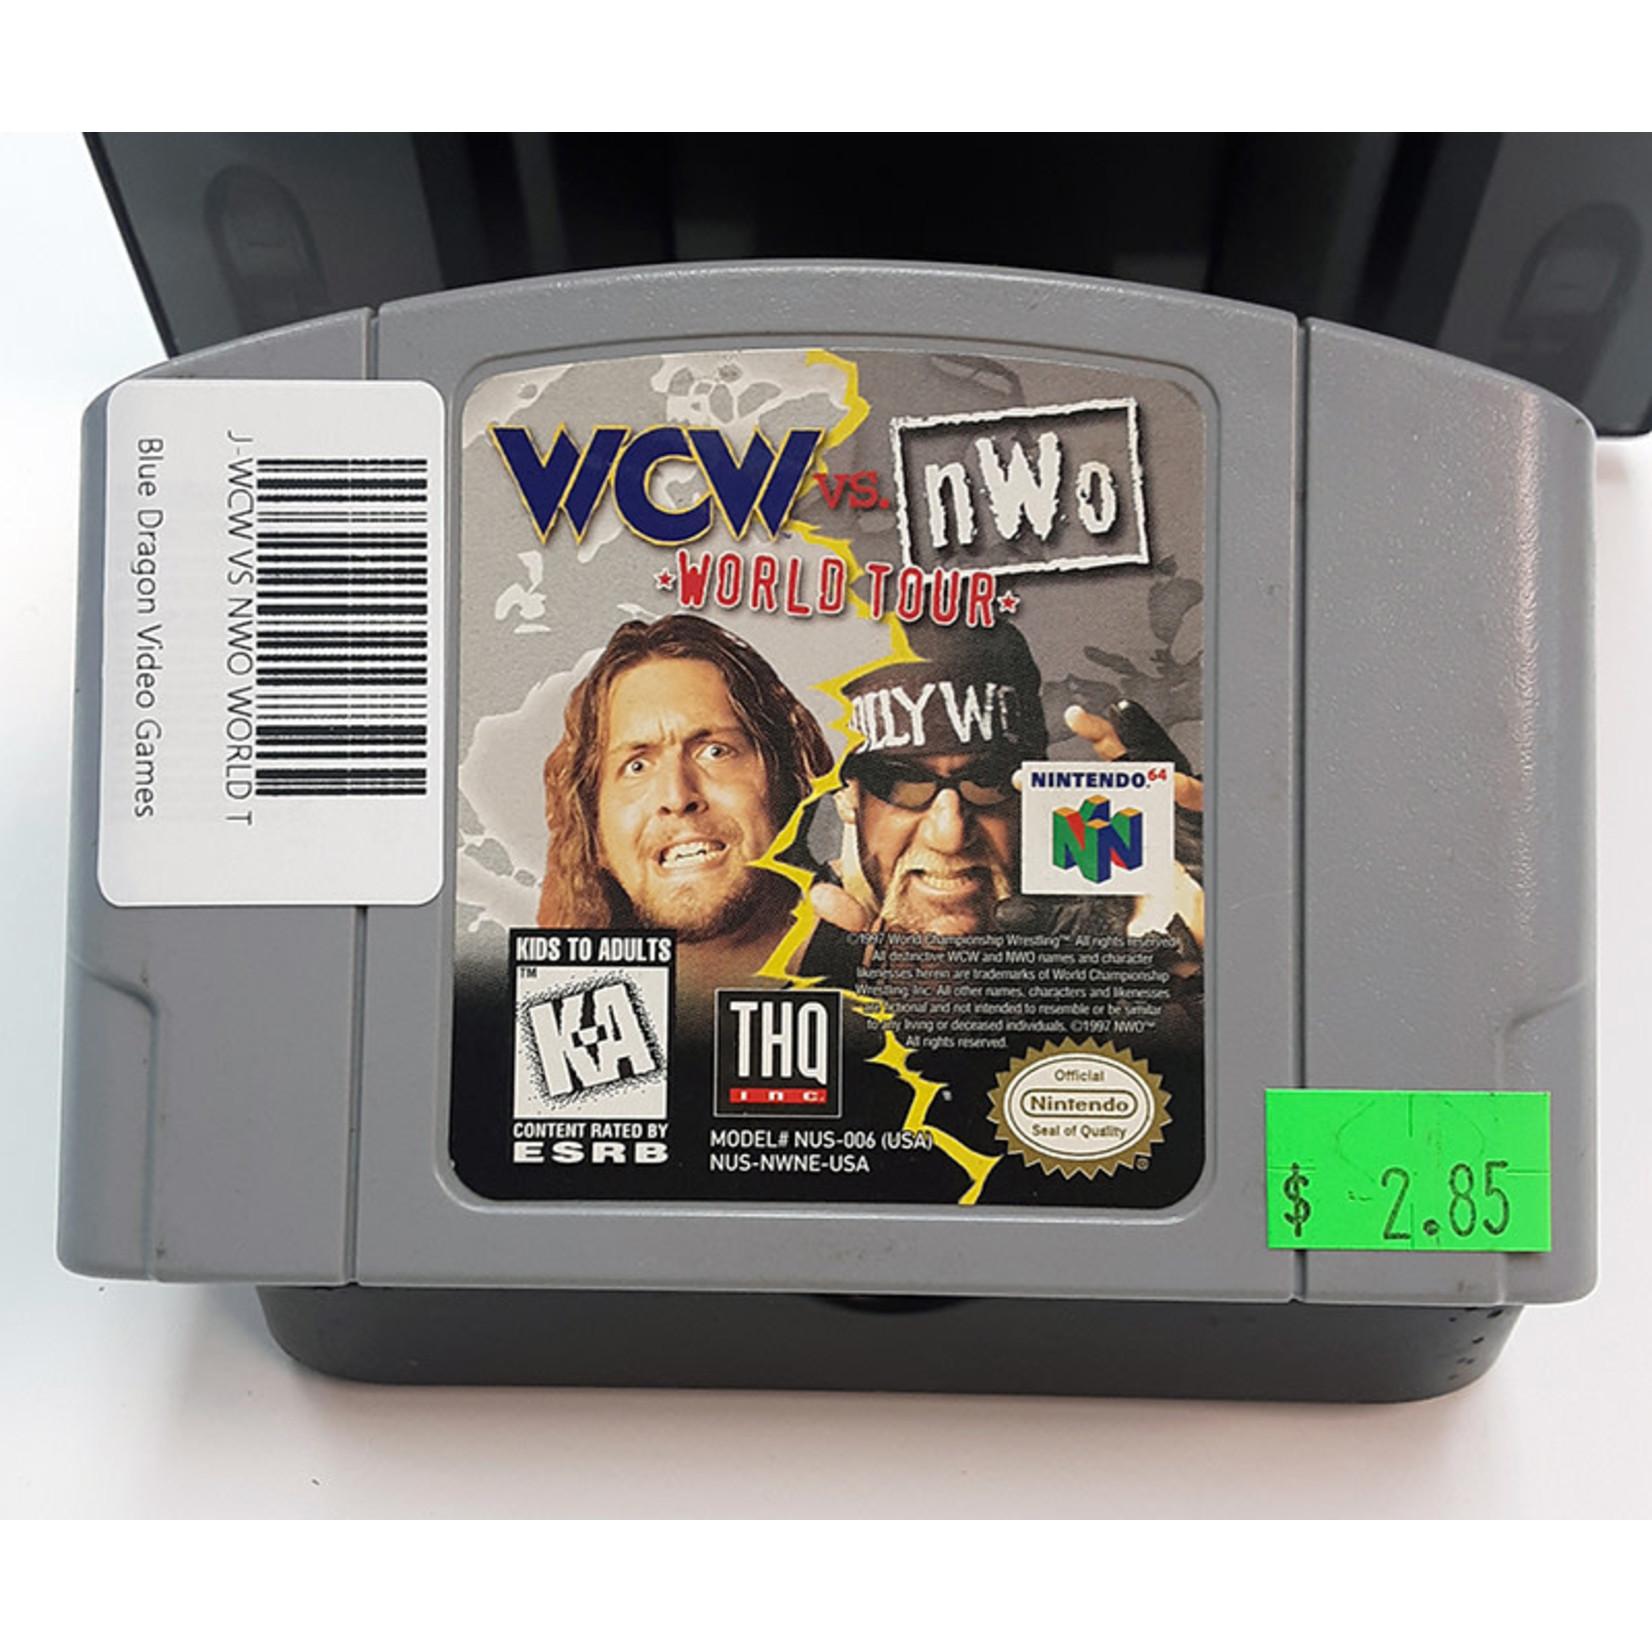 N64U-WCW VS NWO WORLD TOUR (CARTRIDGE)